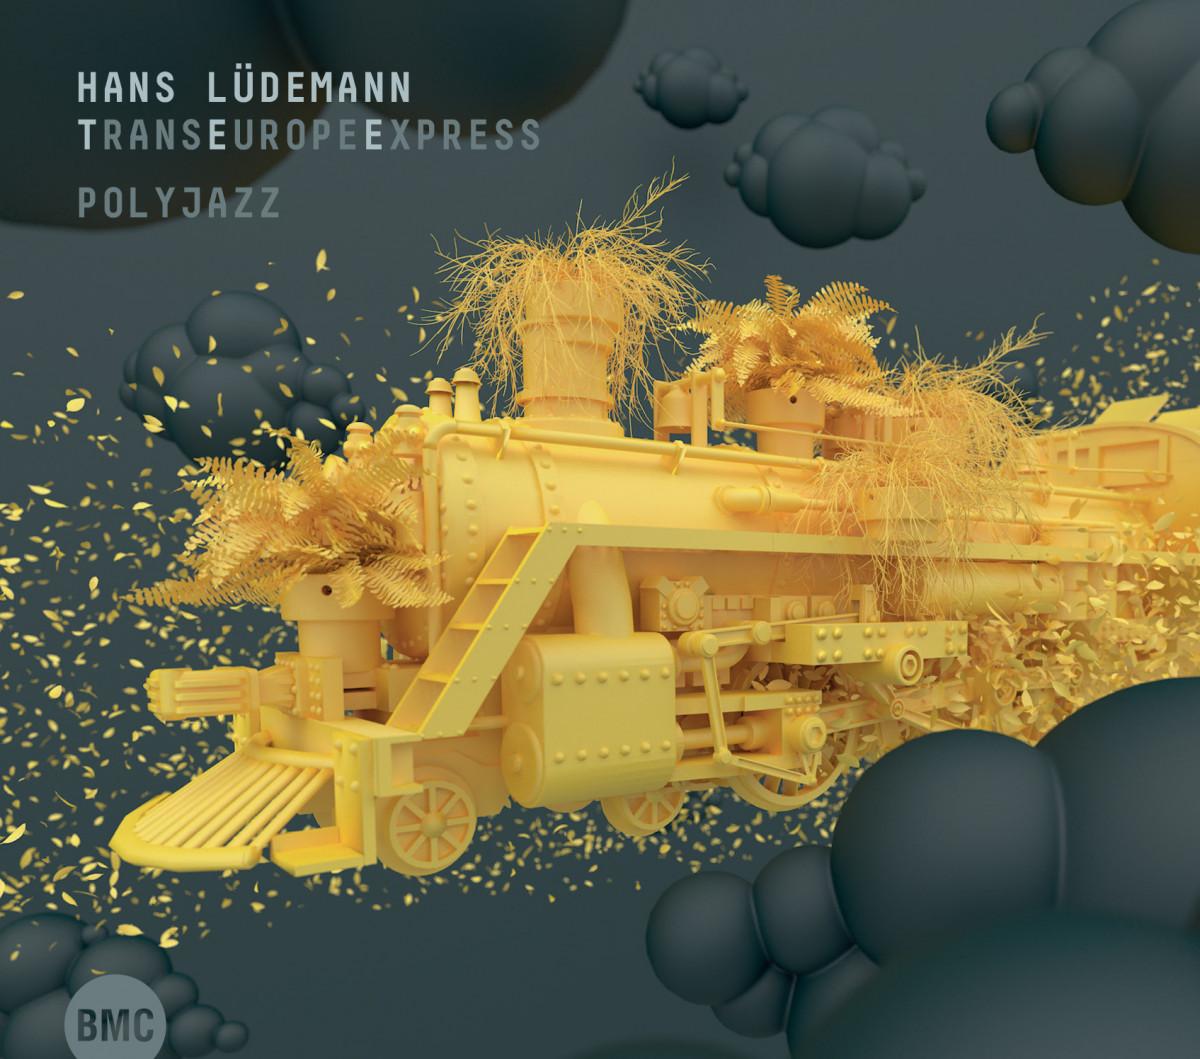 """Vaizdo rezultatas pagal užklausą """"hans ludemann polyjazz bmc records"""""""